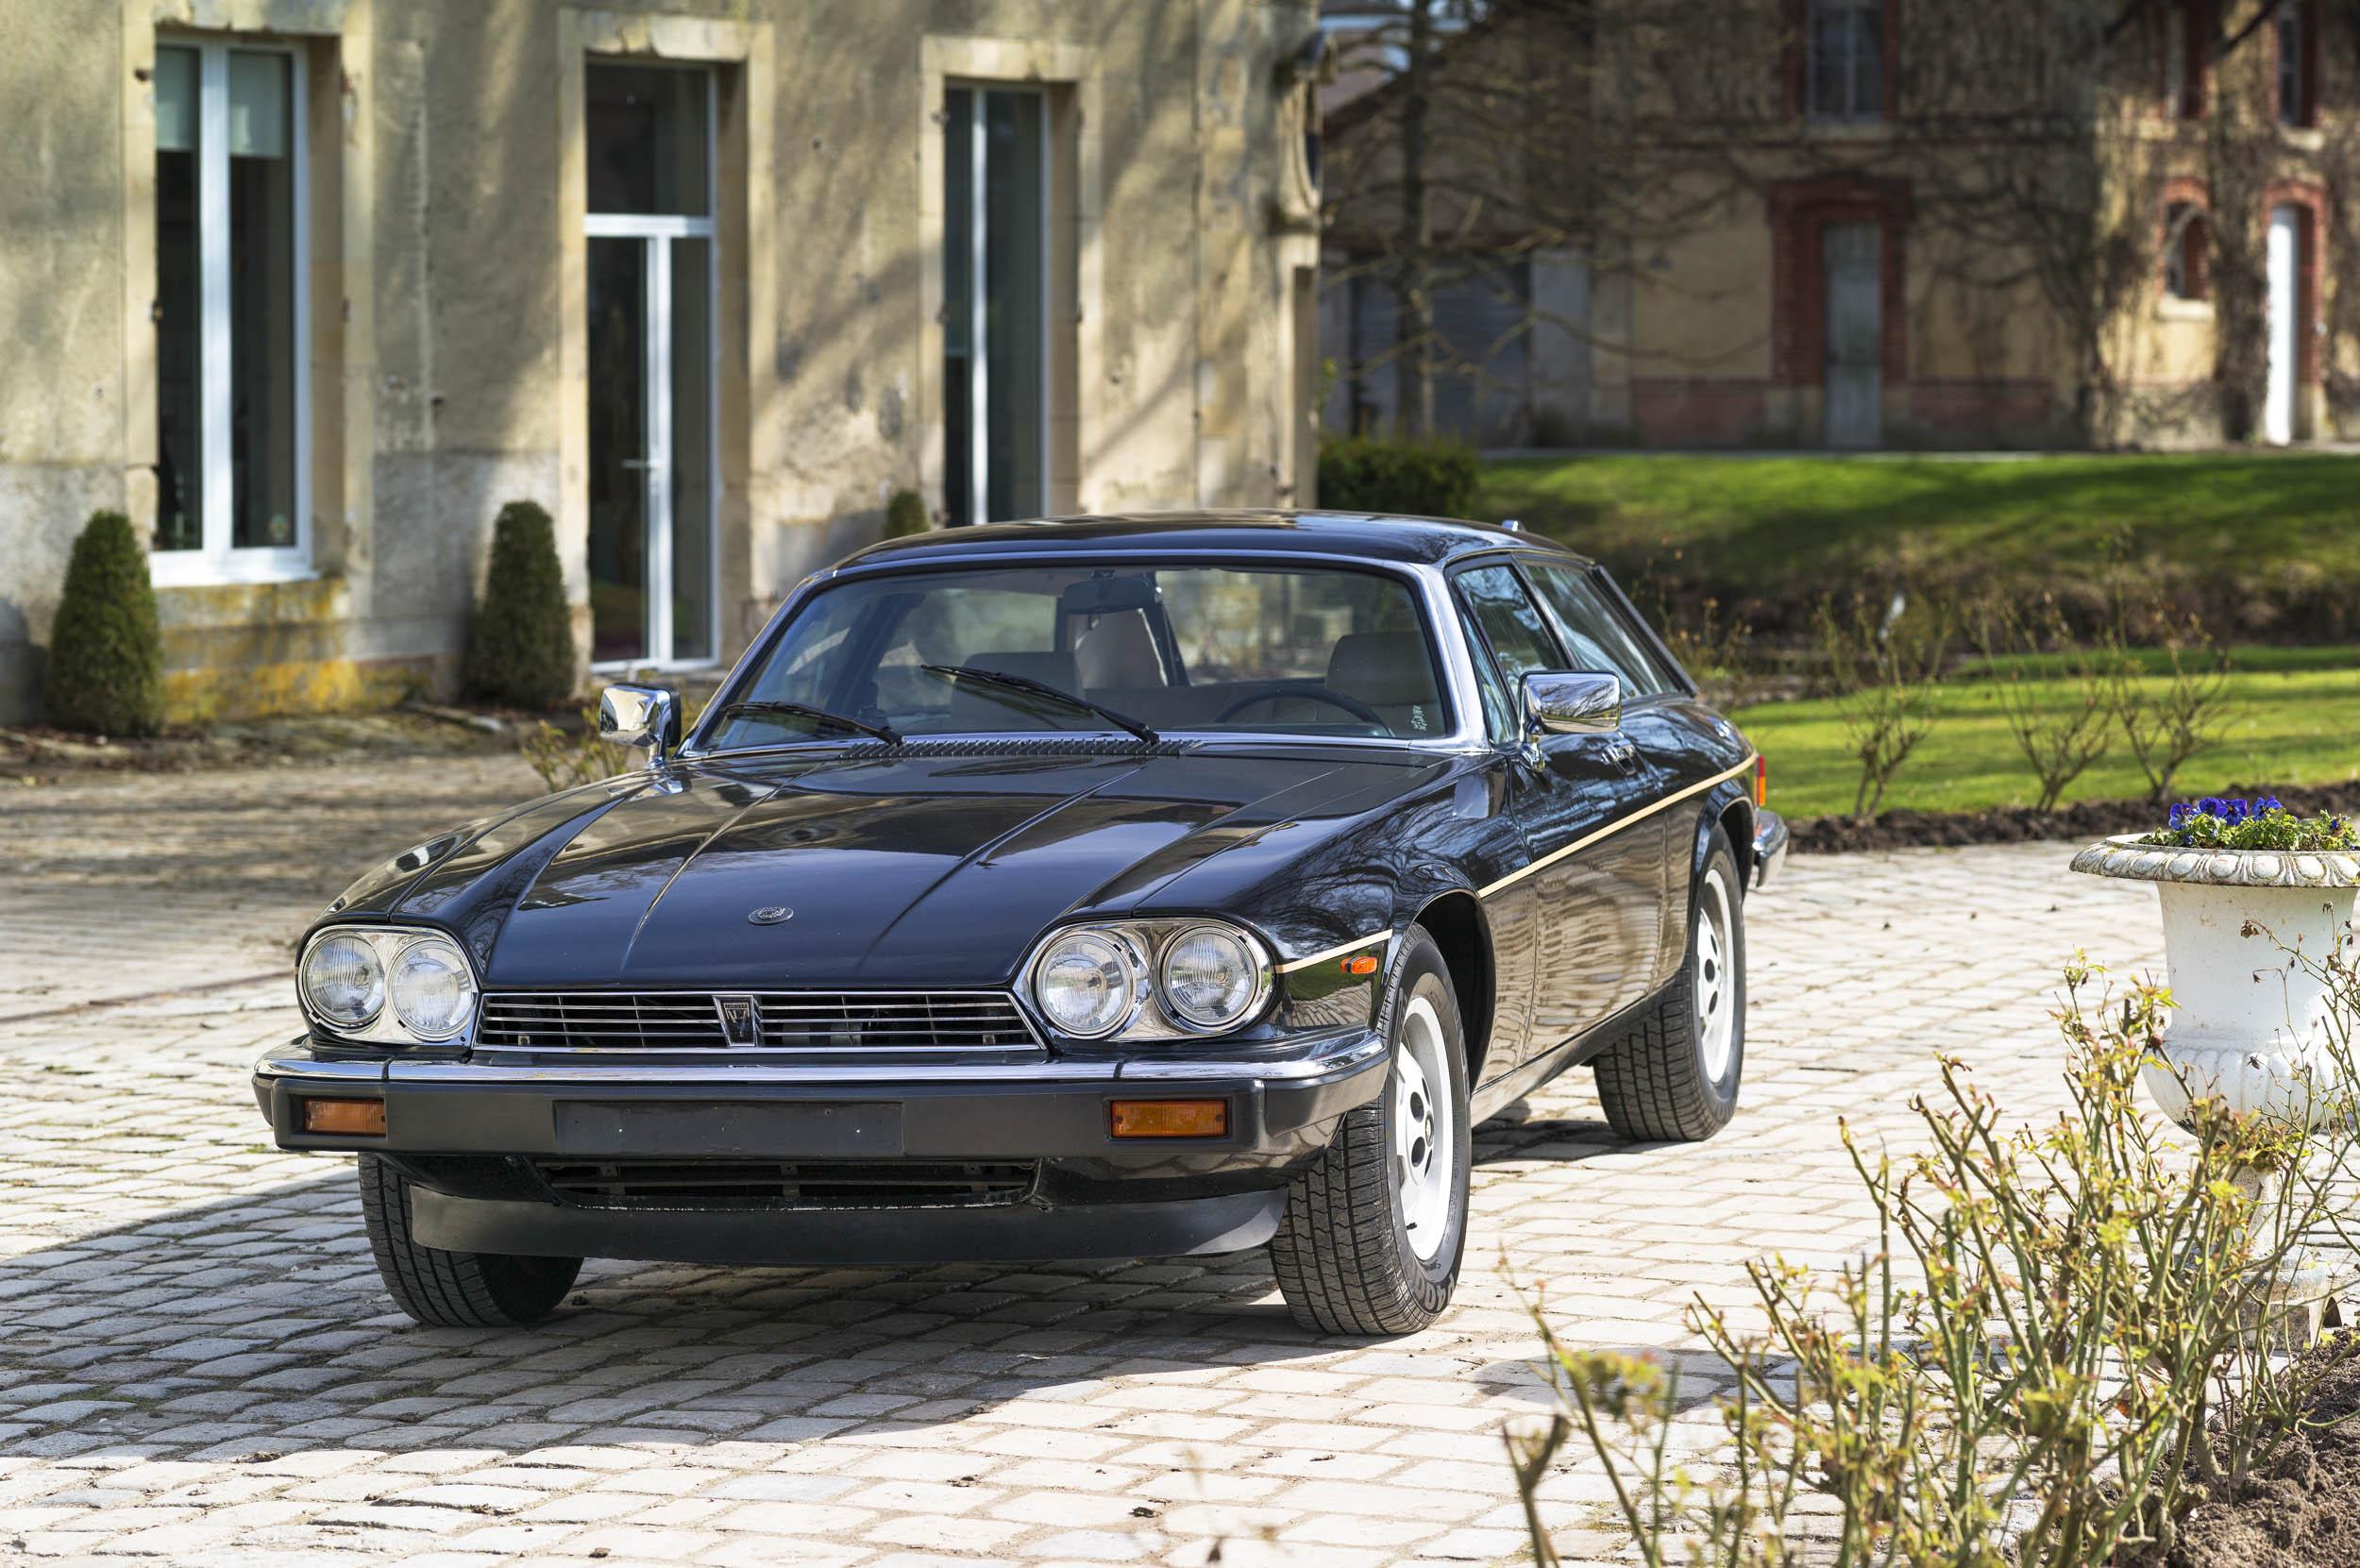 1984 Jaguar XJ-S V-12 front